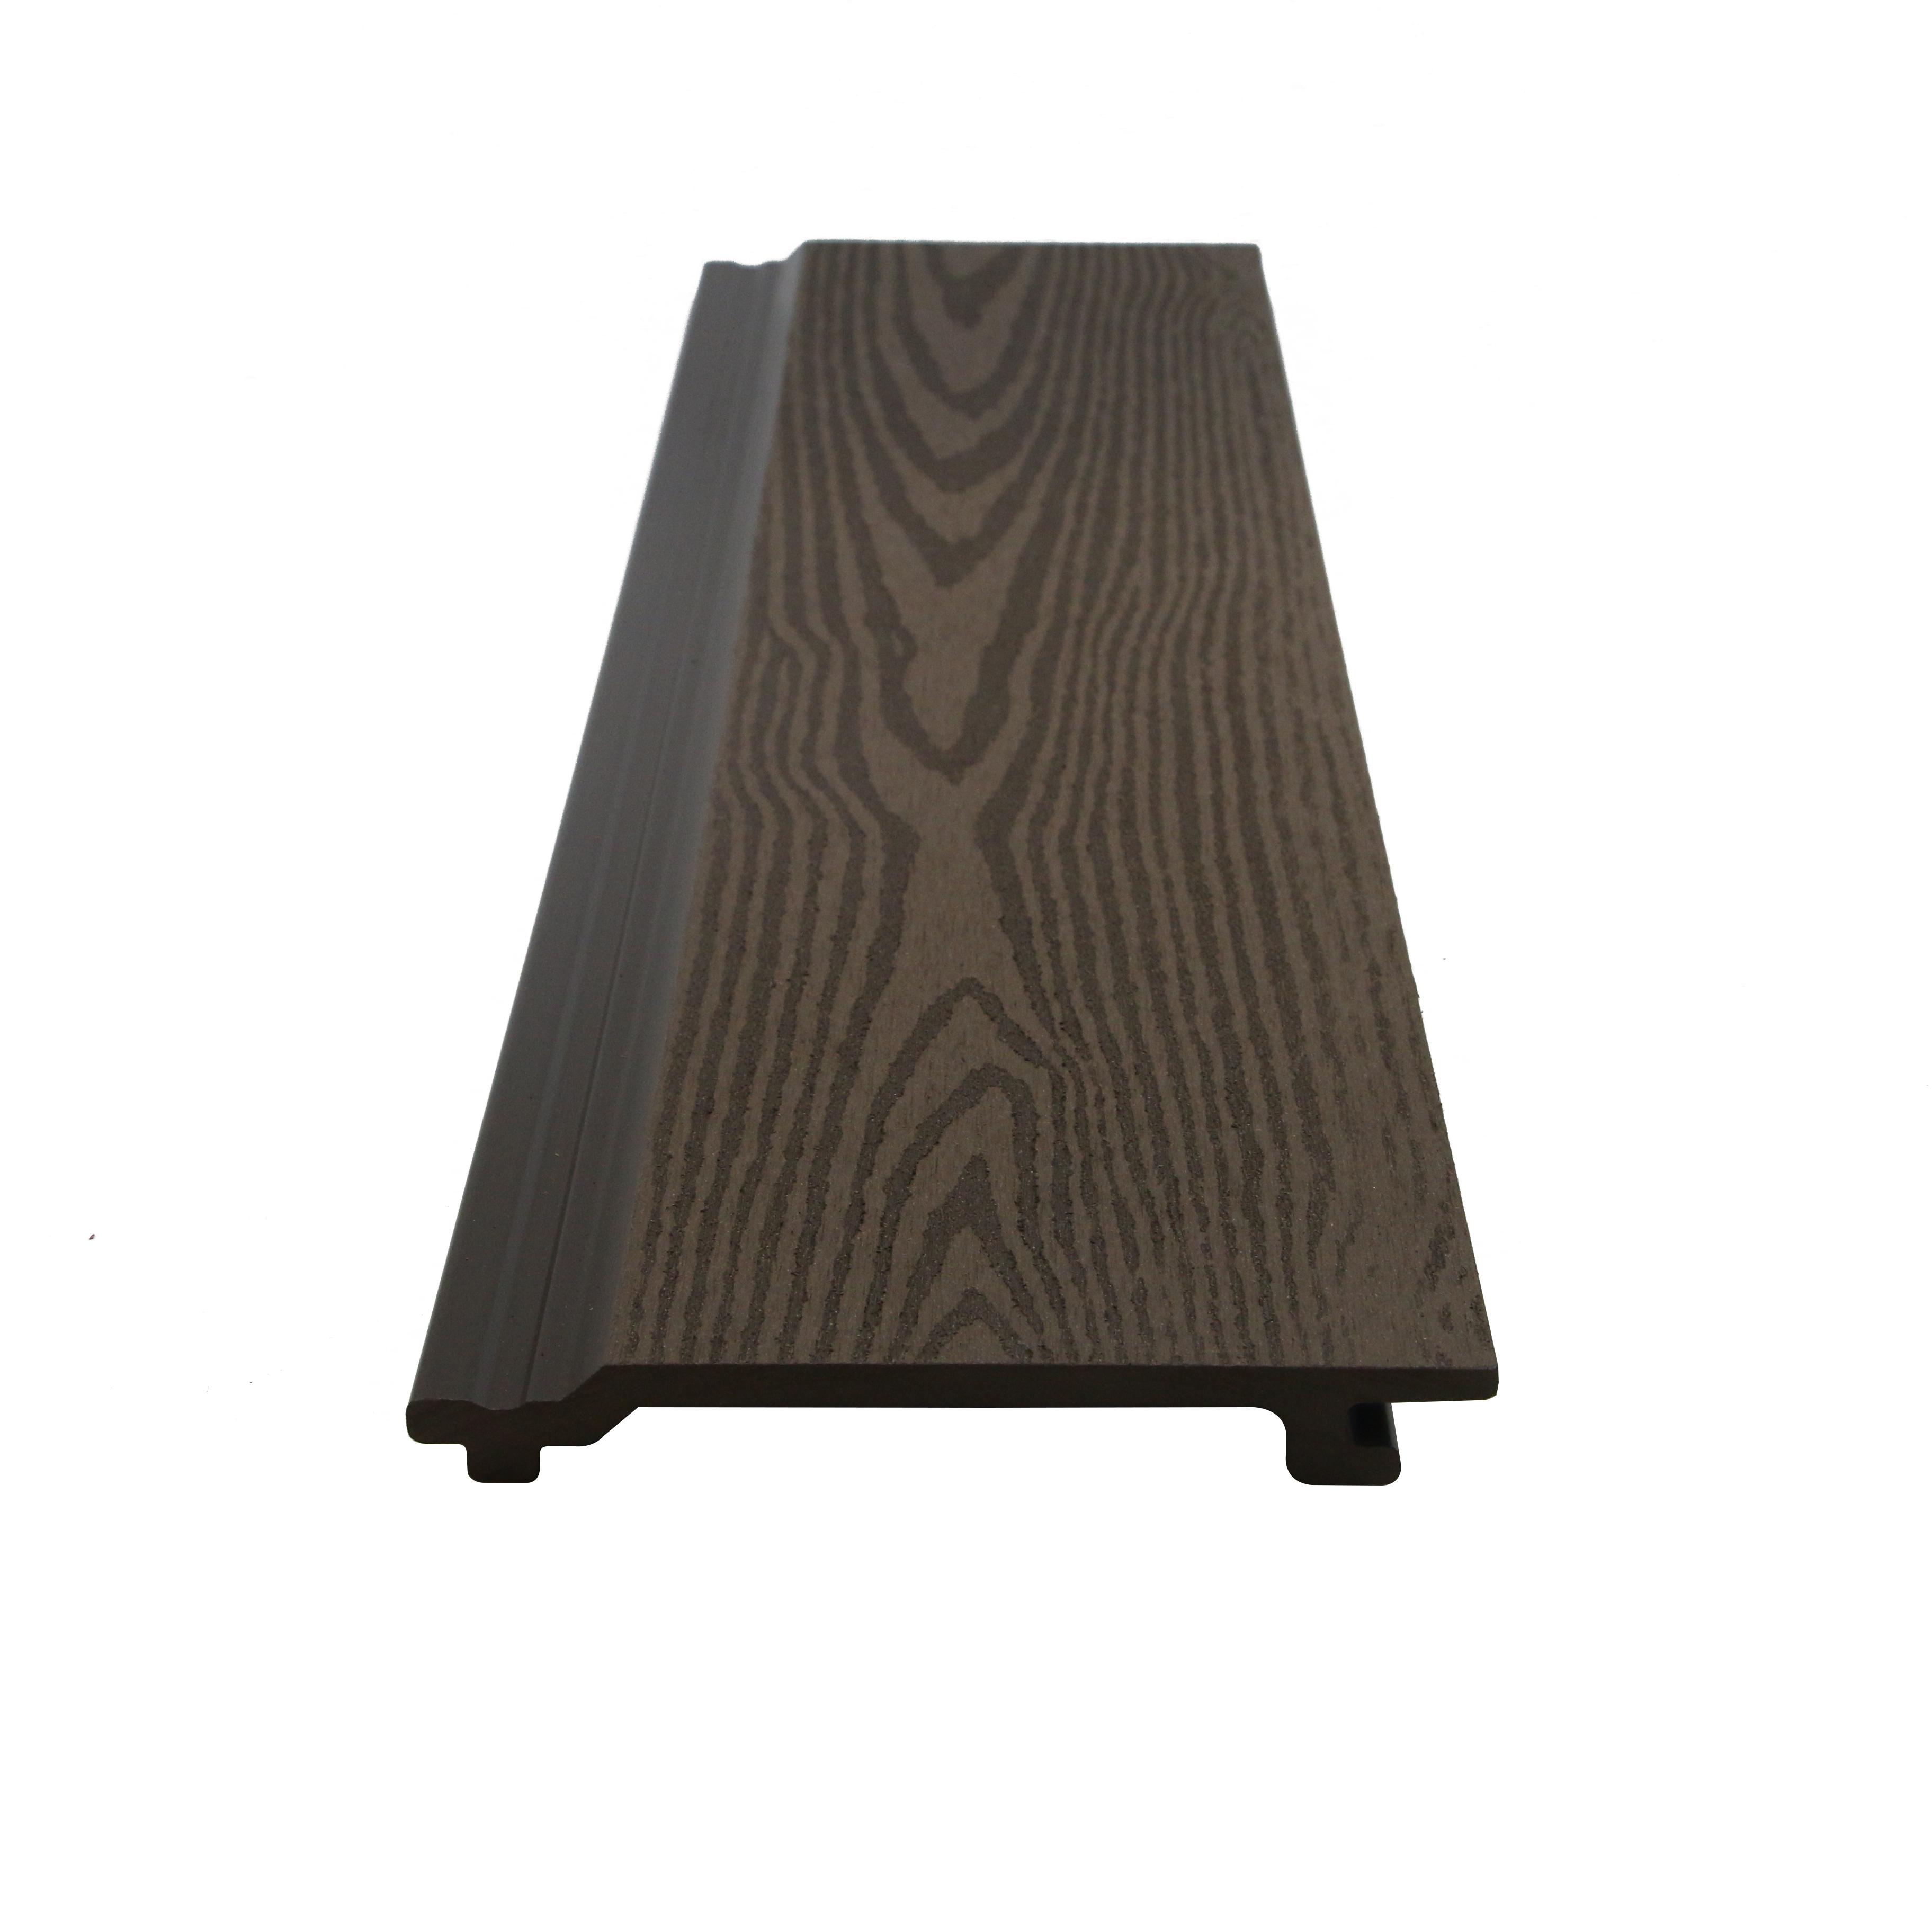 Черная текстура современная деревянная композитная внешняя облицовочная стеновая панель